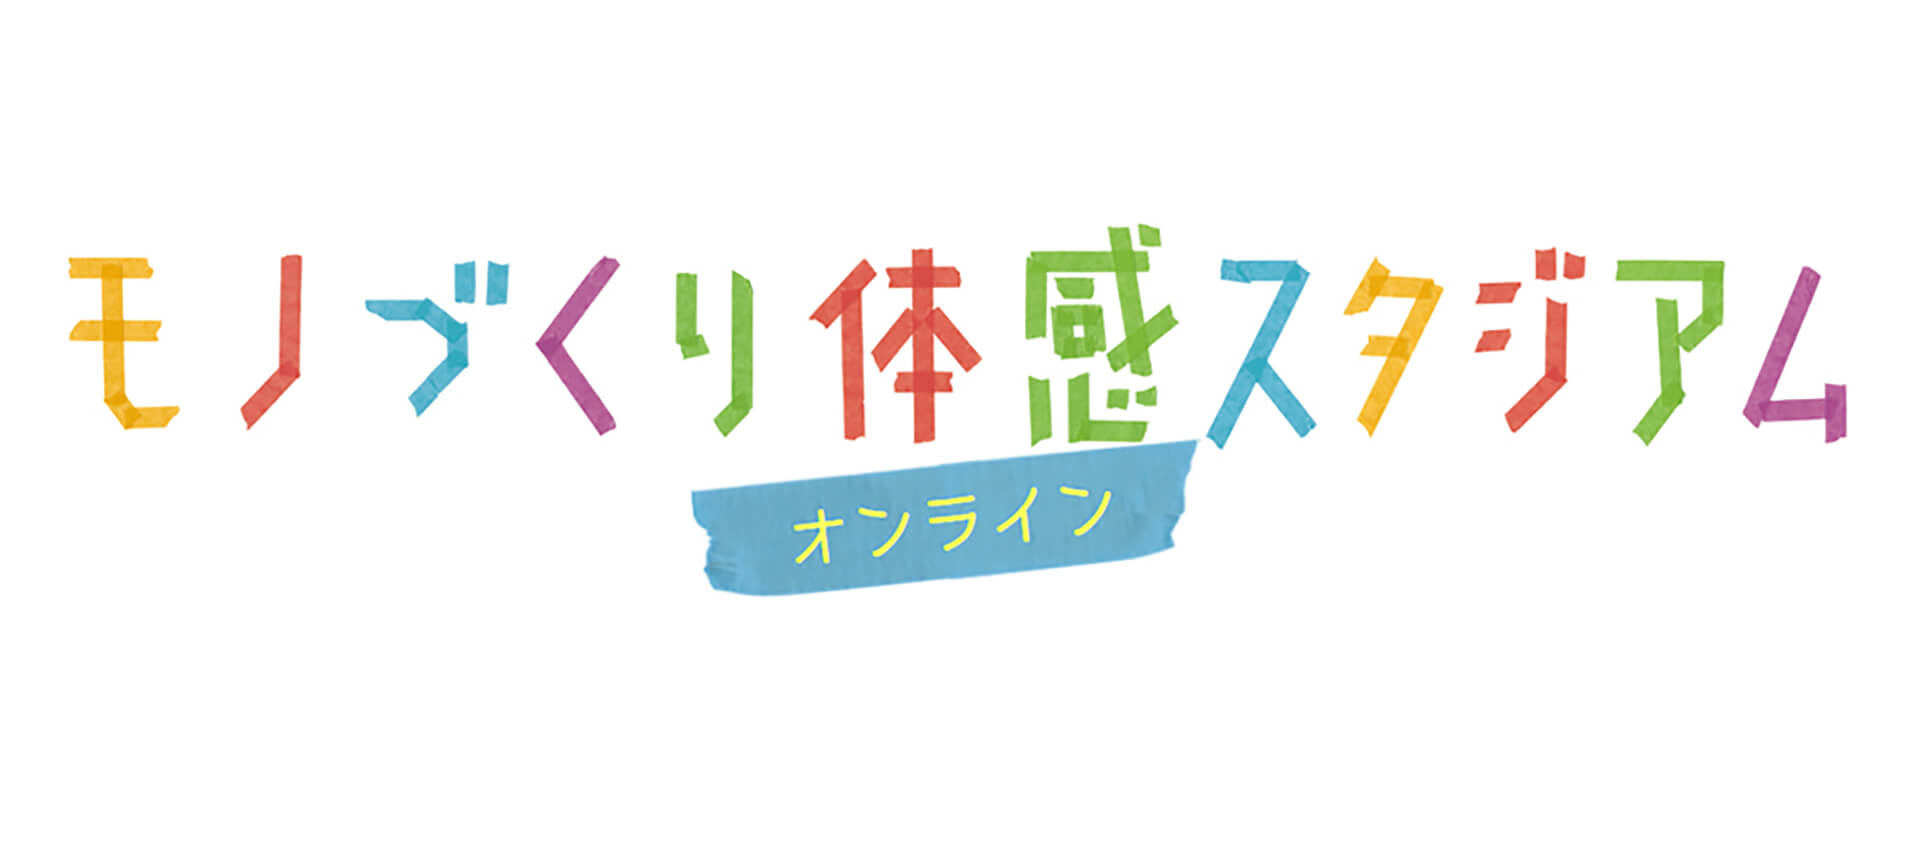 モノづくり体感スタジアム・オンライン